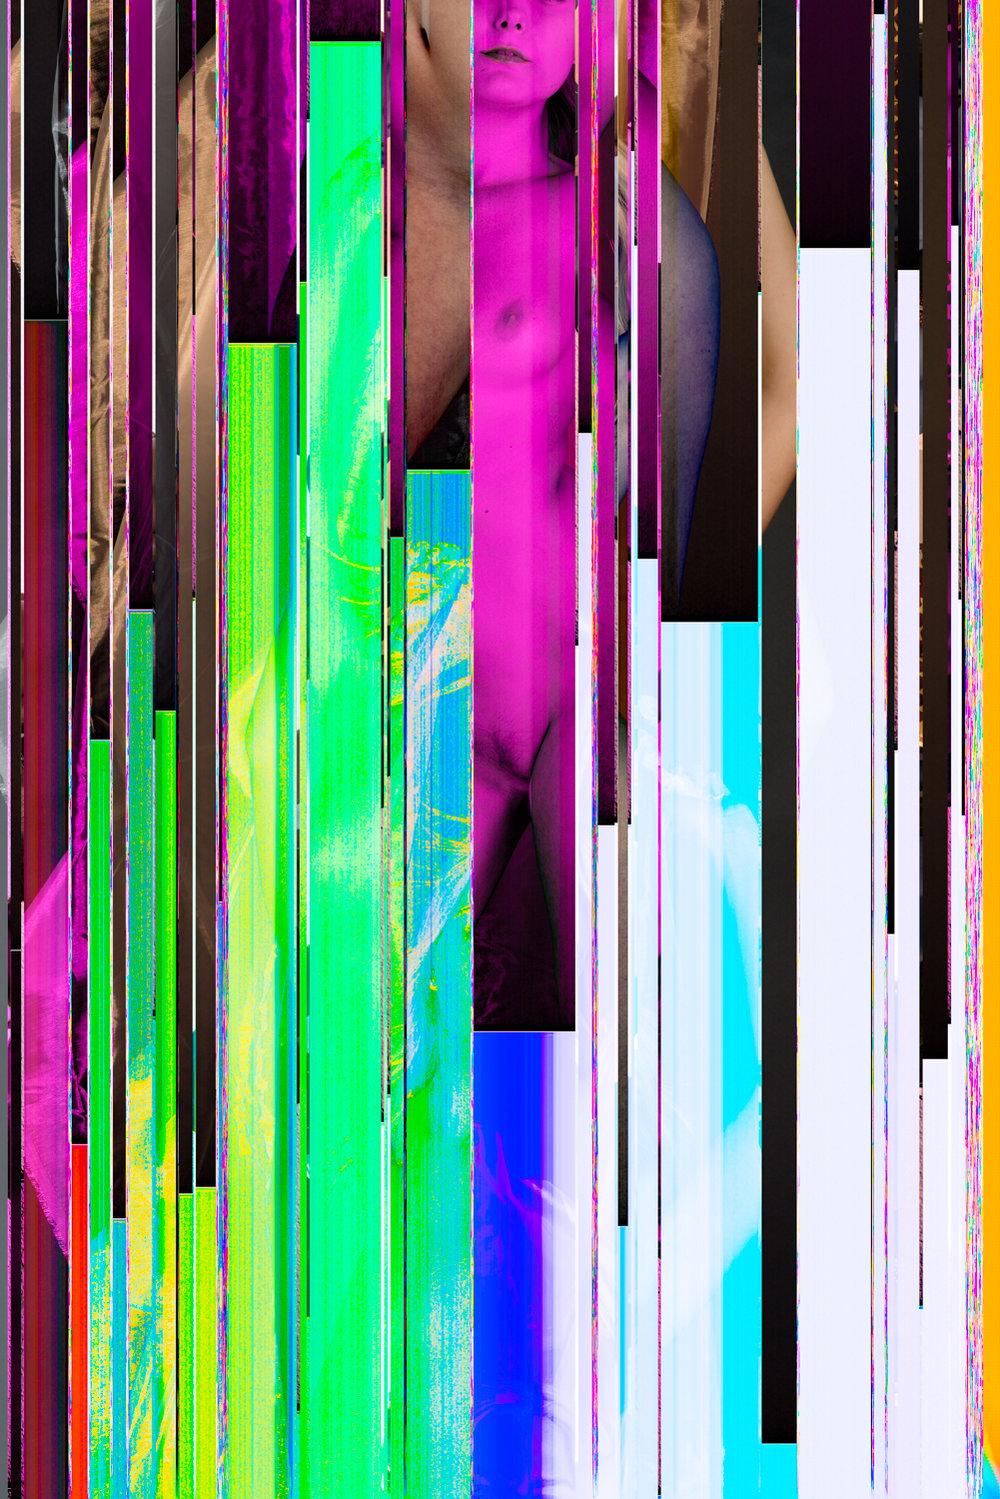 Rashed_Haq_Algorithmic_Sense-1-9.jpg